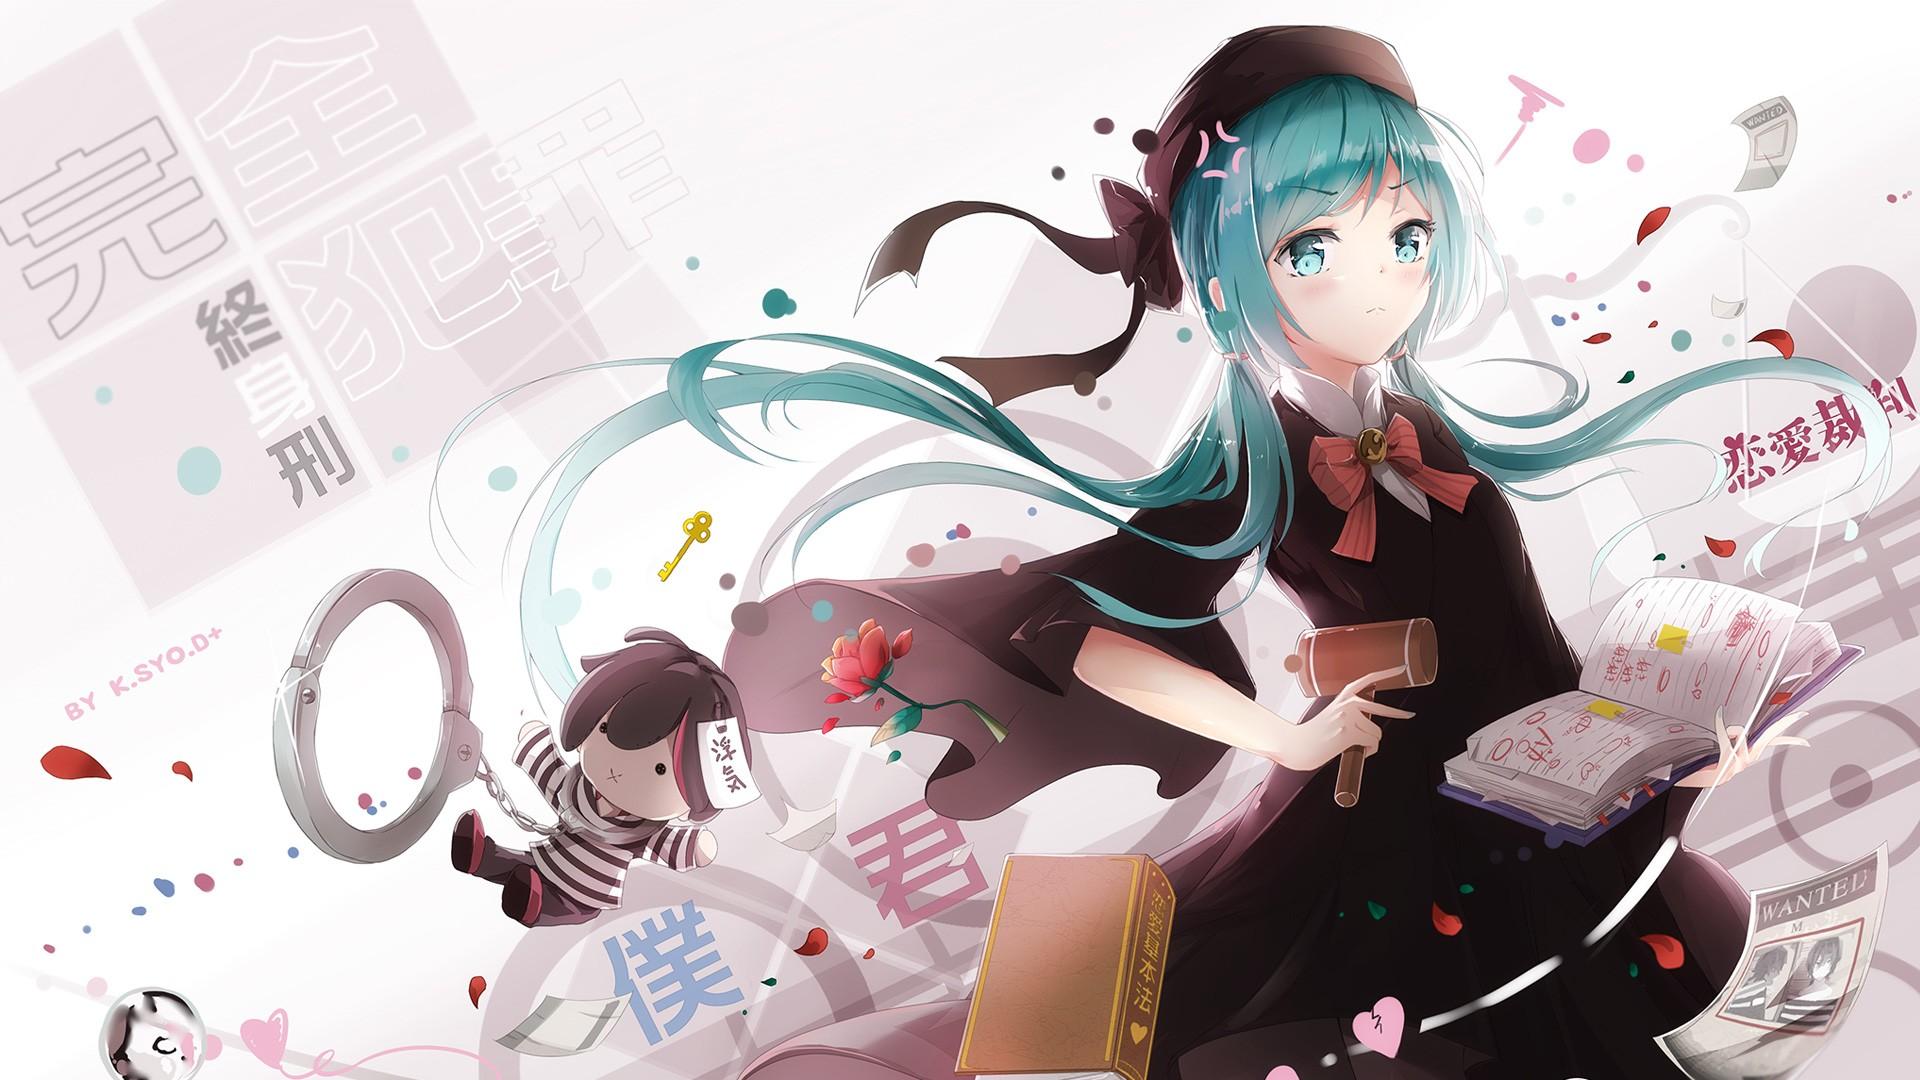 Anime Beach Girl Wallpaper Vocaloid Hatsune Miku Wallpapers Hd Wallpapers Id 17708